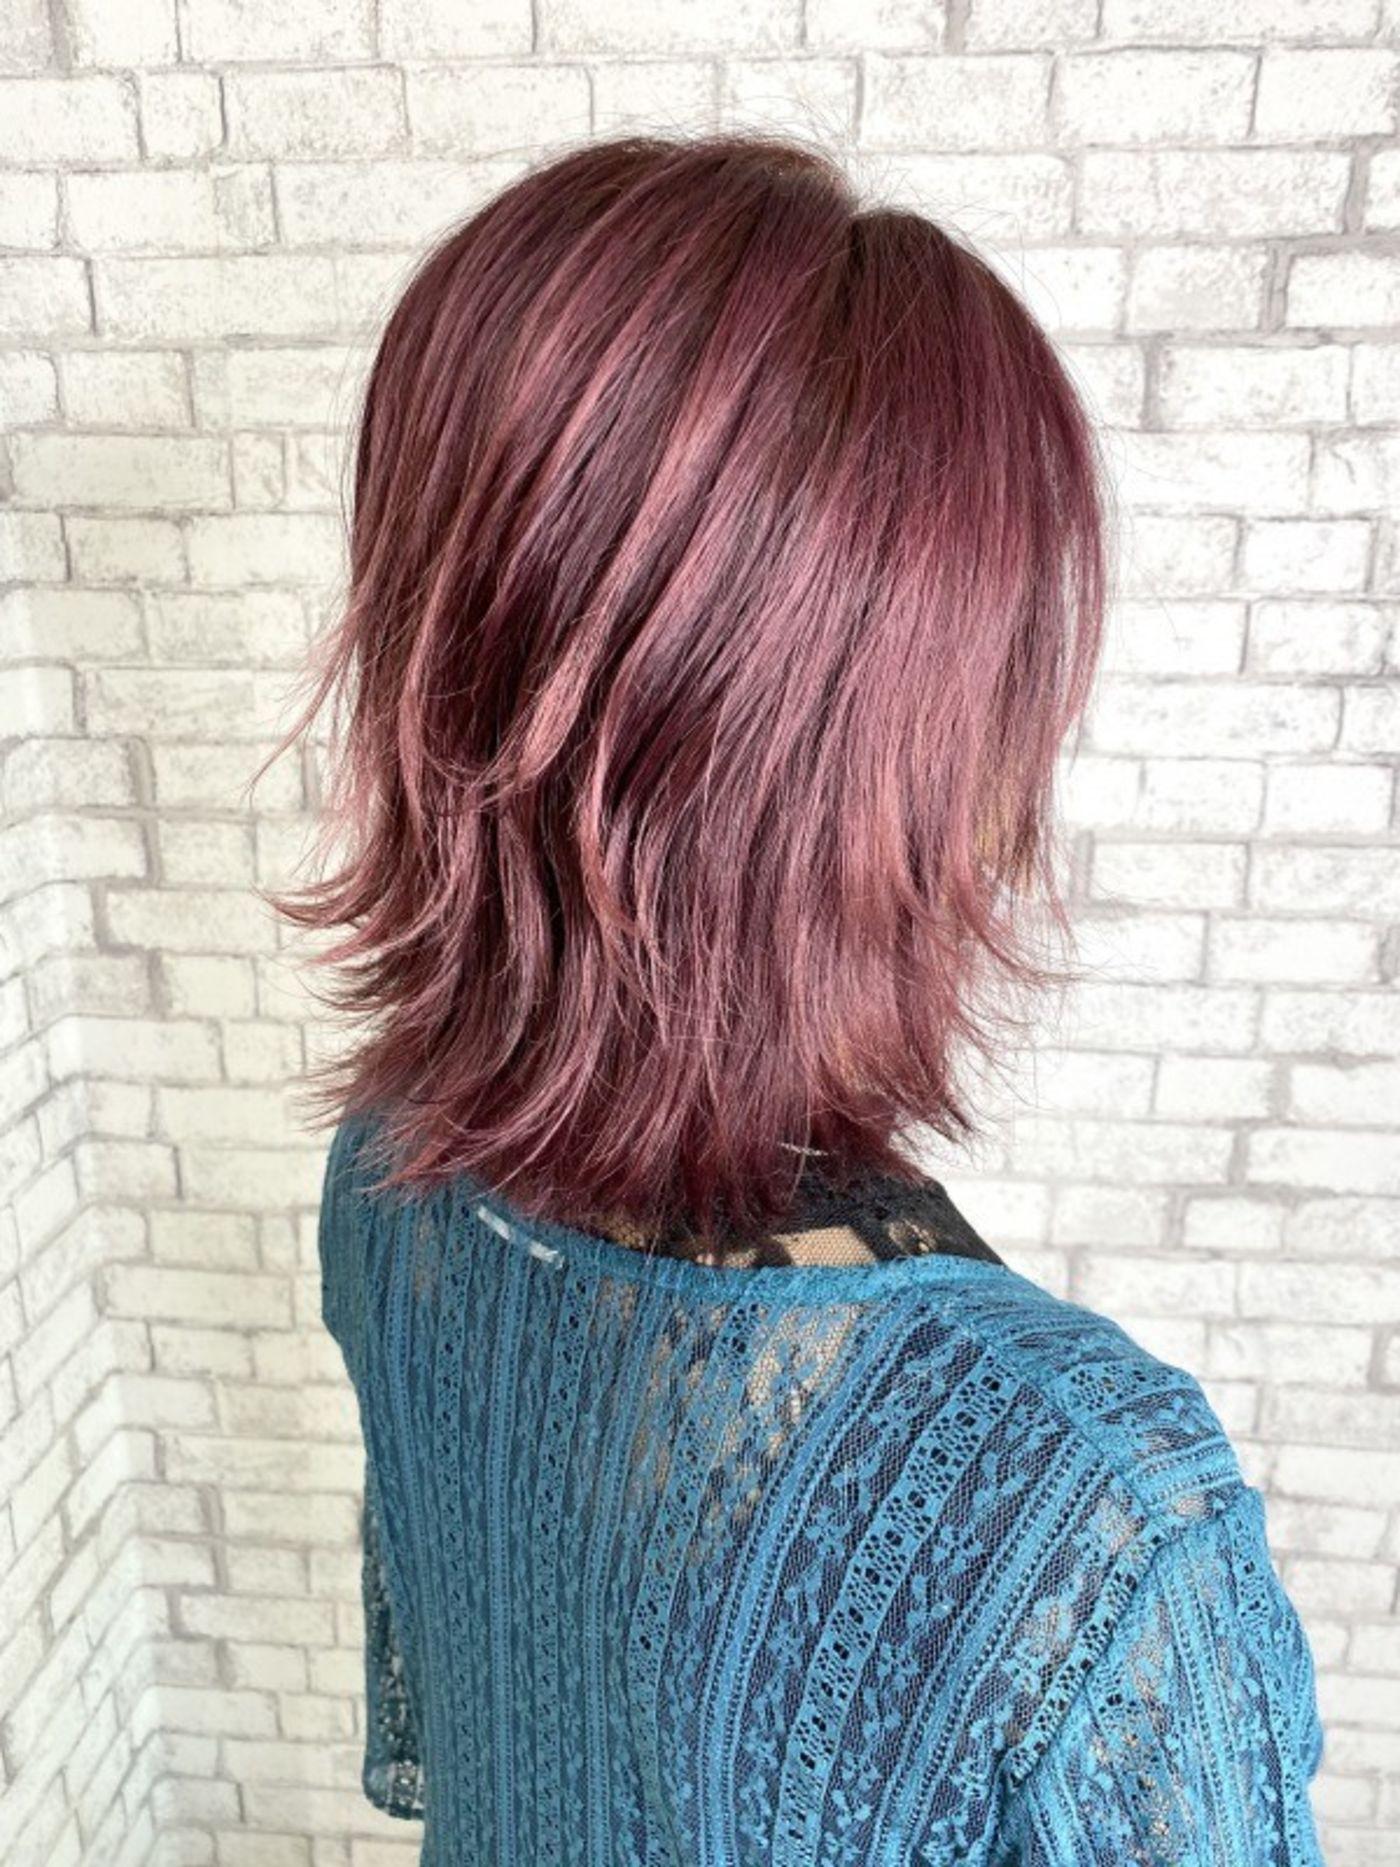 ブリーチしている髪にピンクを入れると